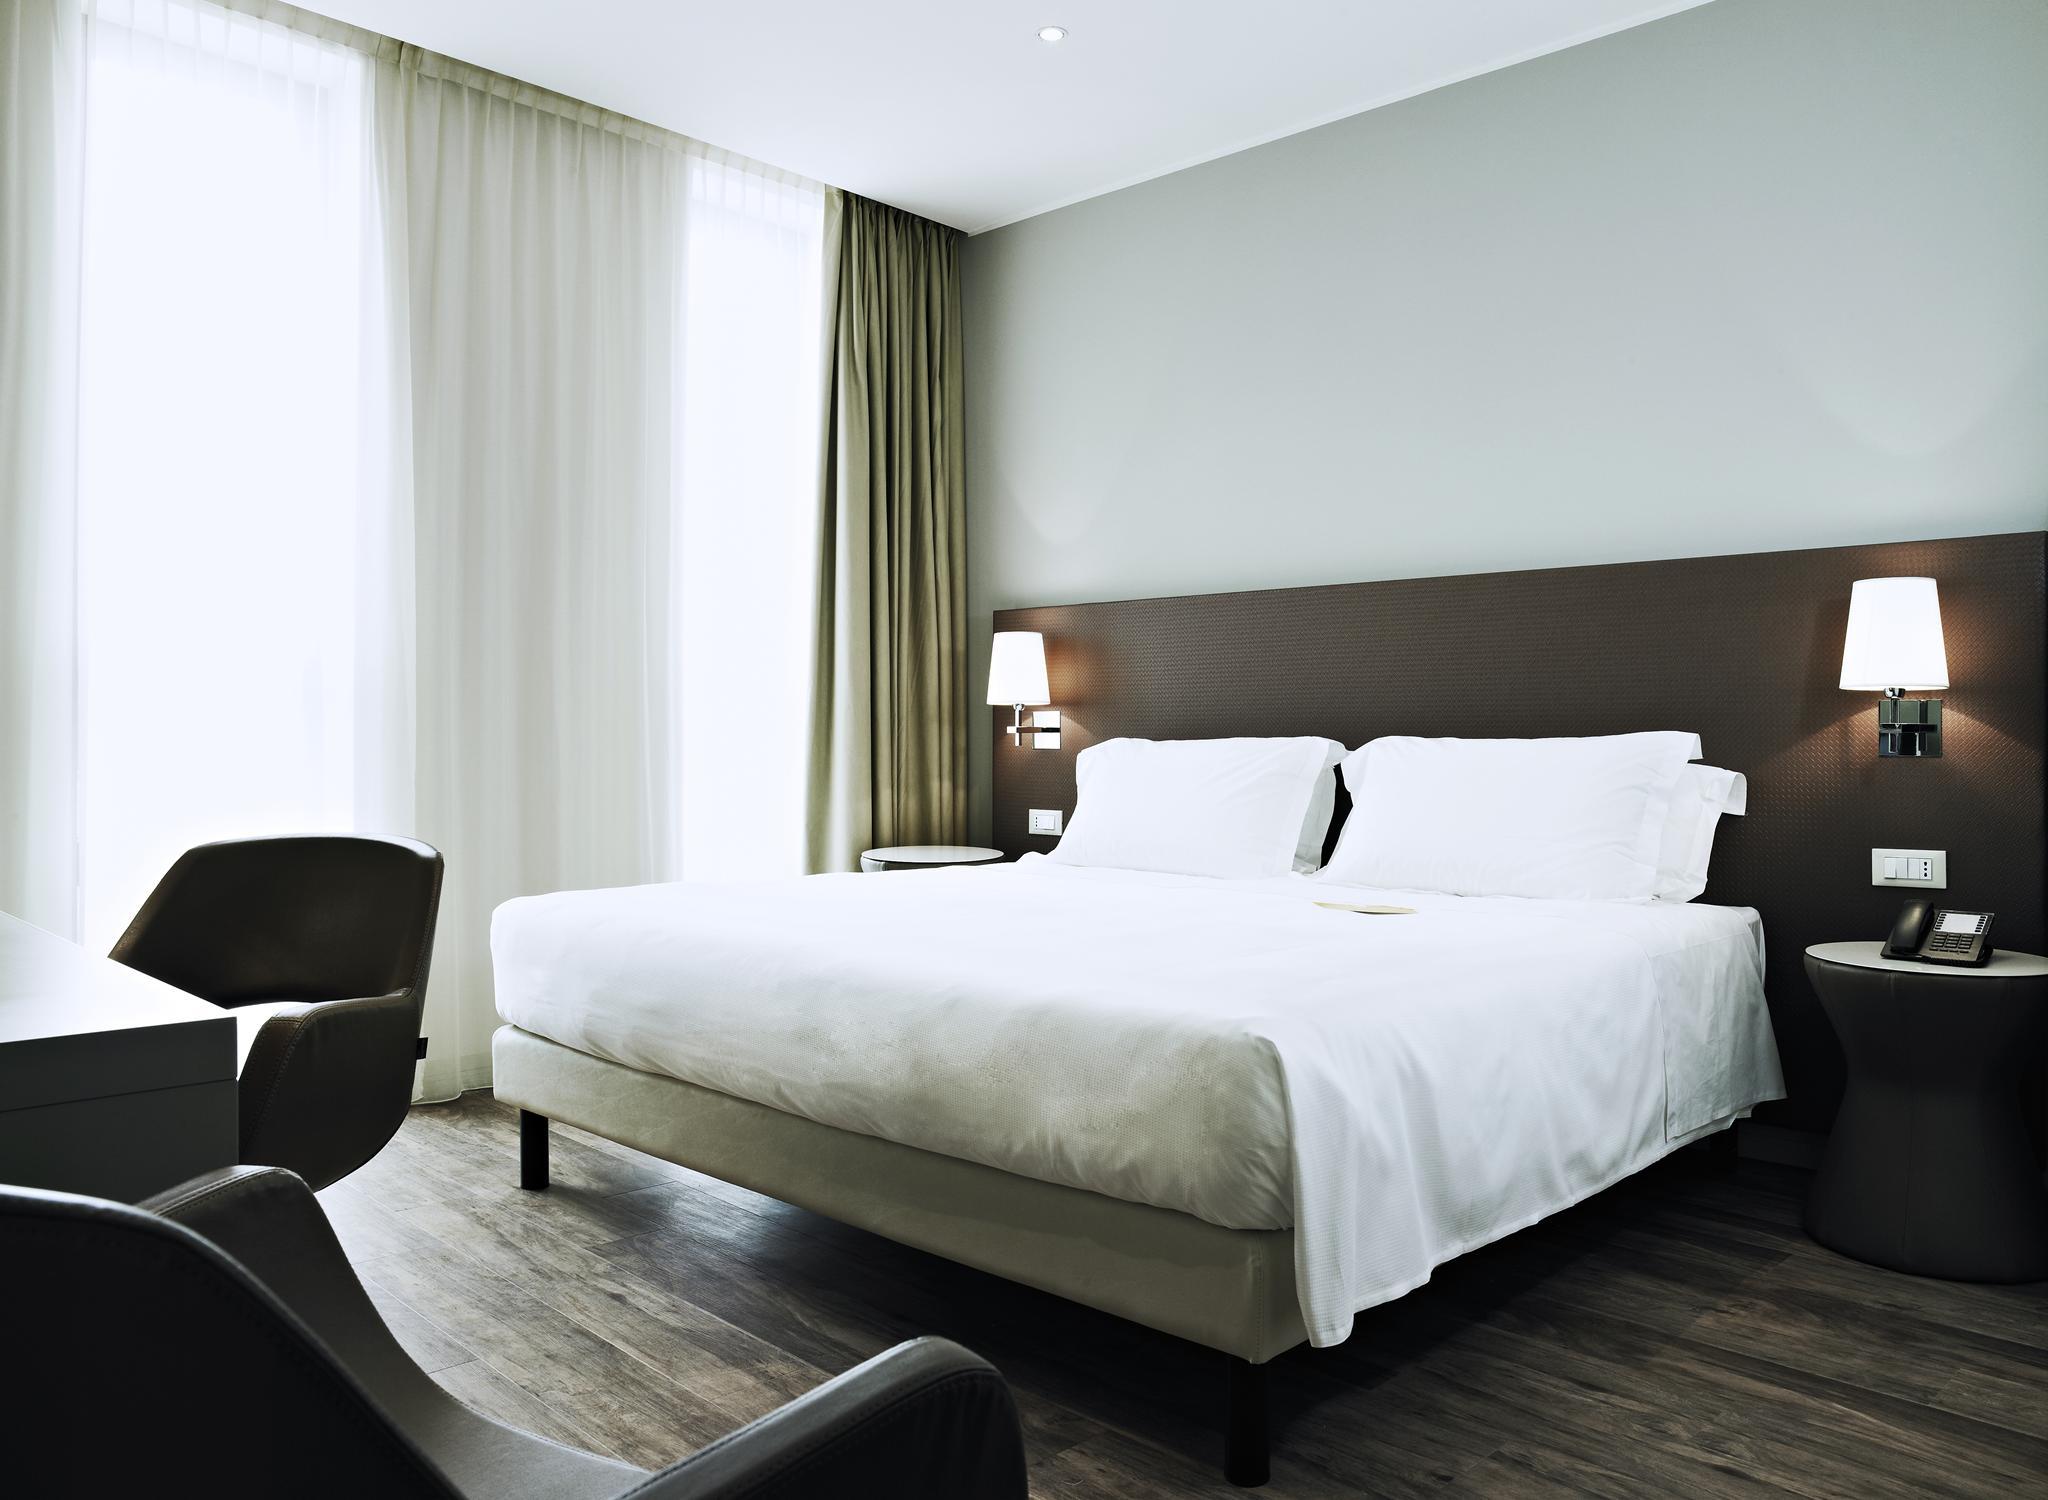 Hotel DoubleTree By Hilton Venice